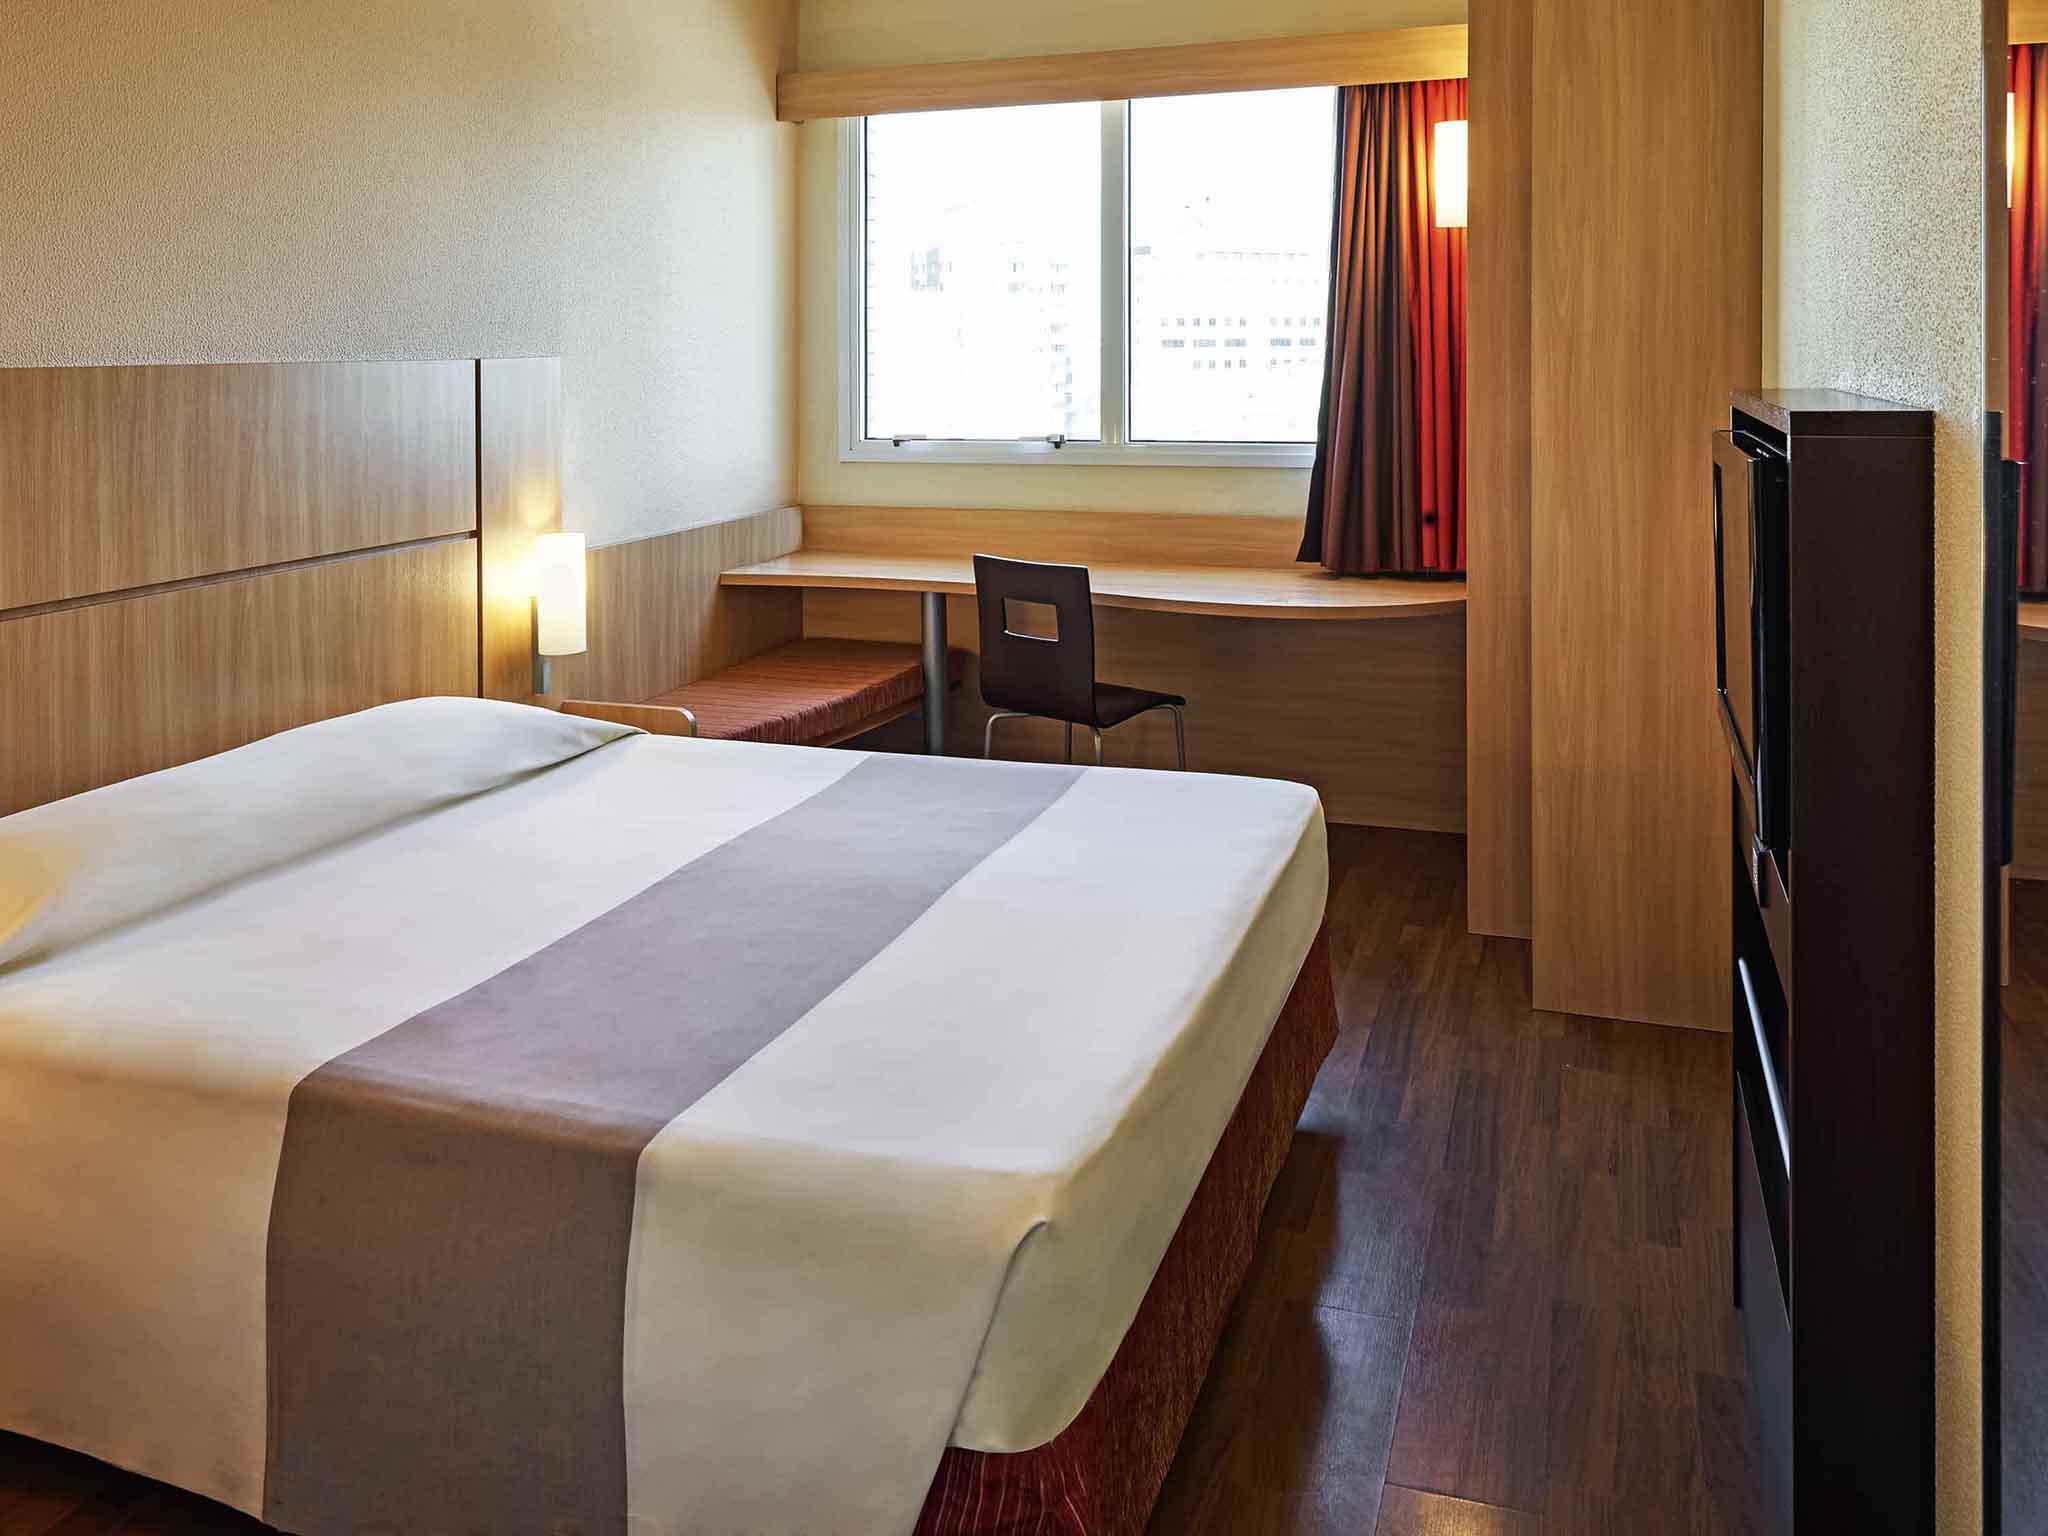 hotel in florianopolis ibis florianopolis